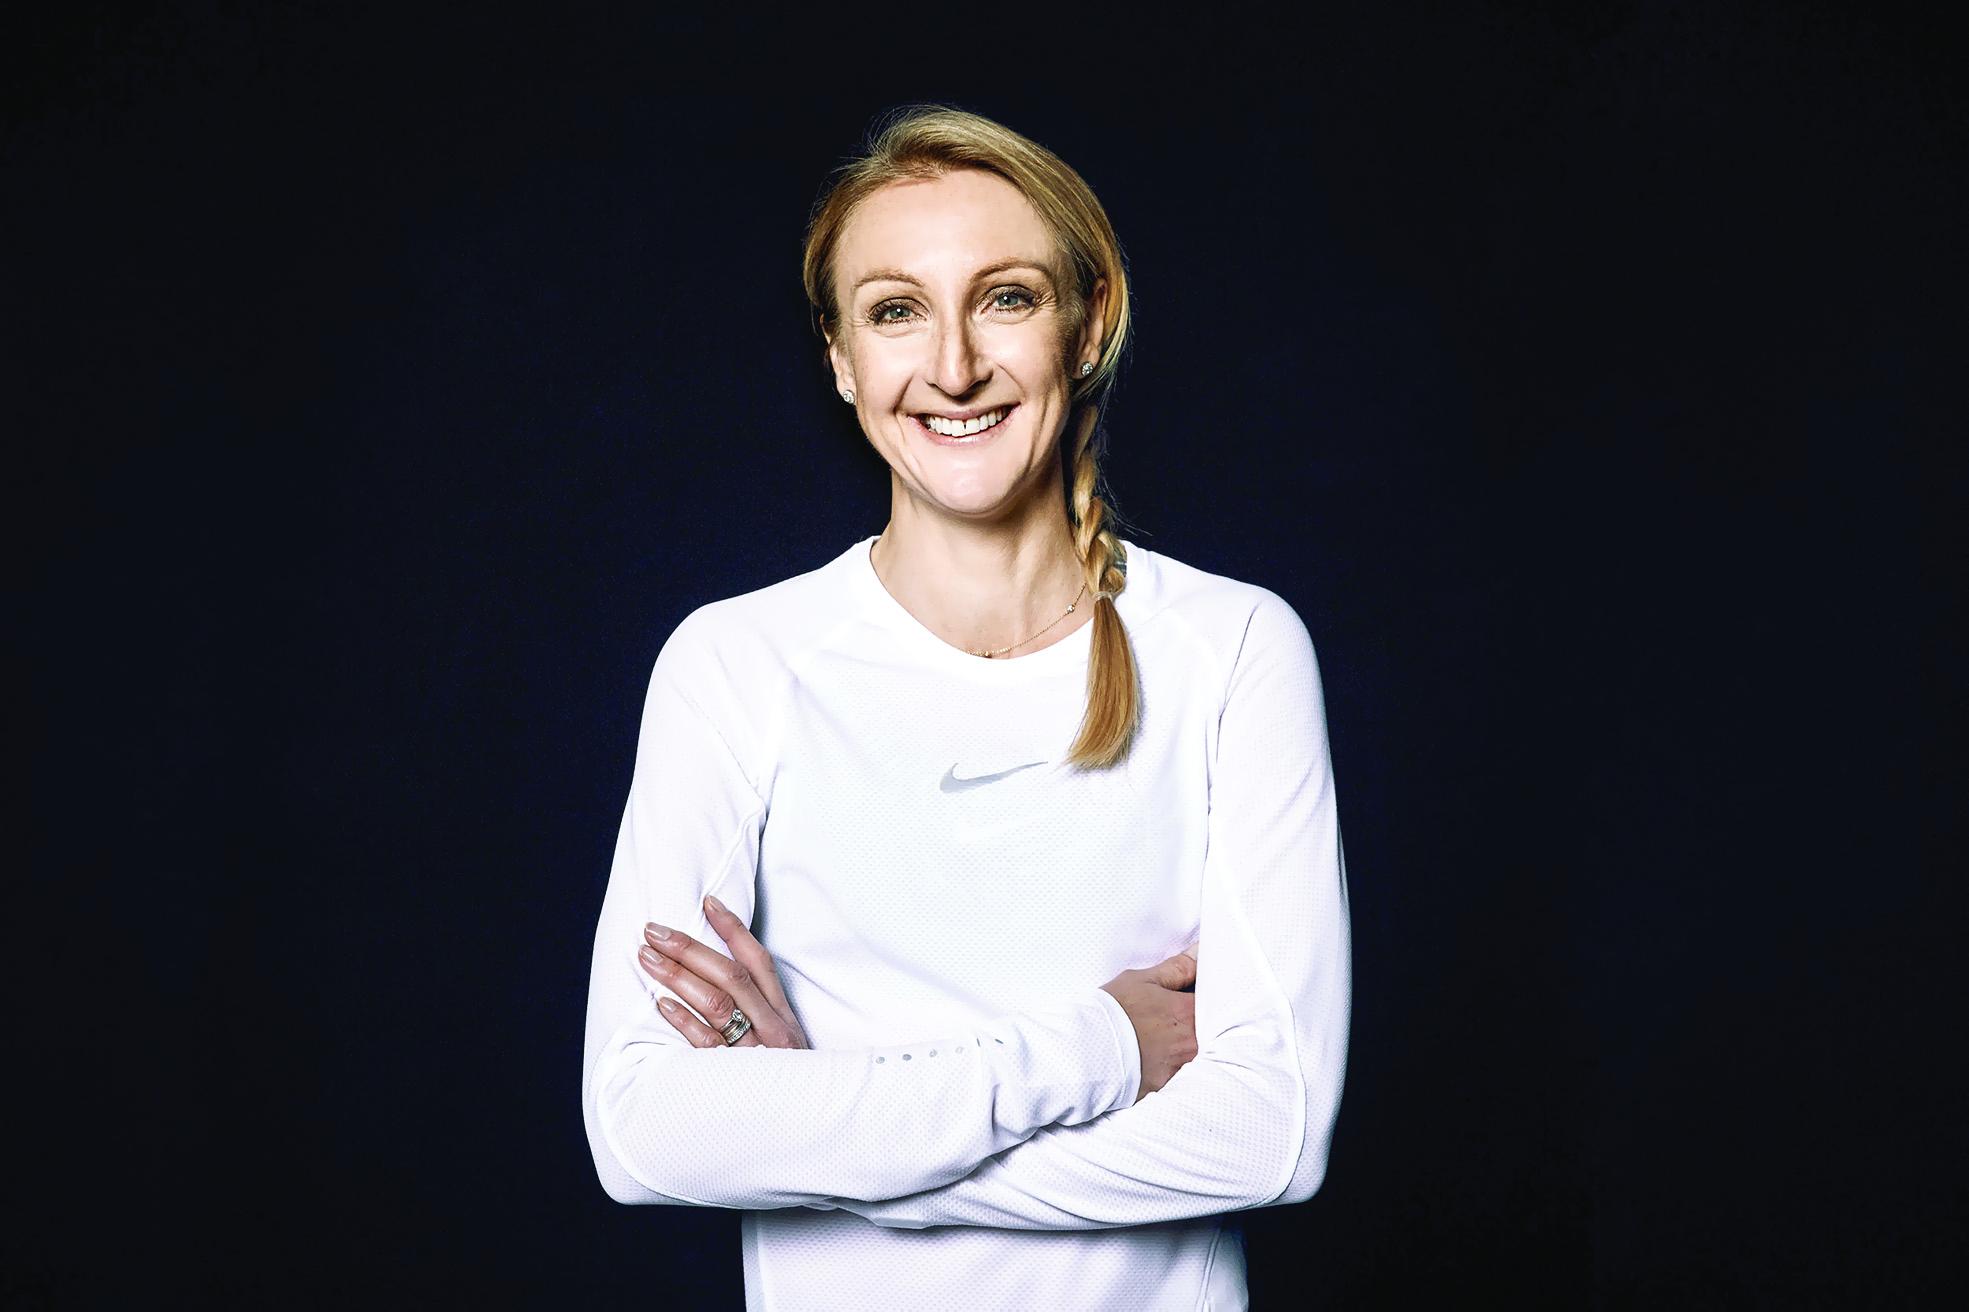 رادكليف سفيرة لماراثون الموج مسقط 2019